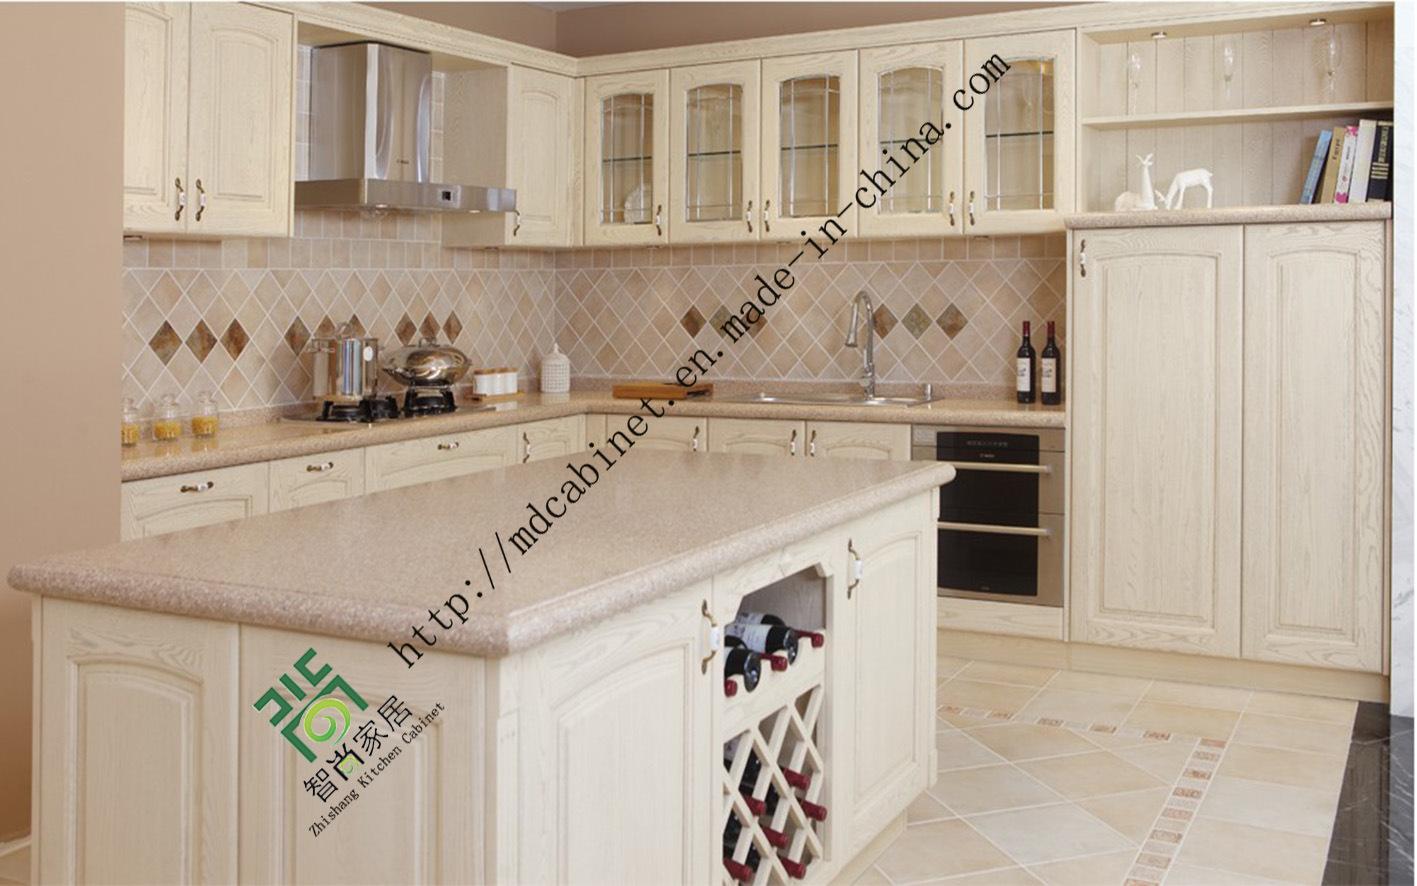 Foto de 2015 Nuevo Diseño de Muebles de Cocina de PVC blanco (ZS-250 ...